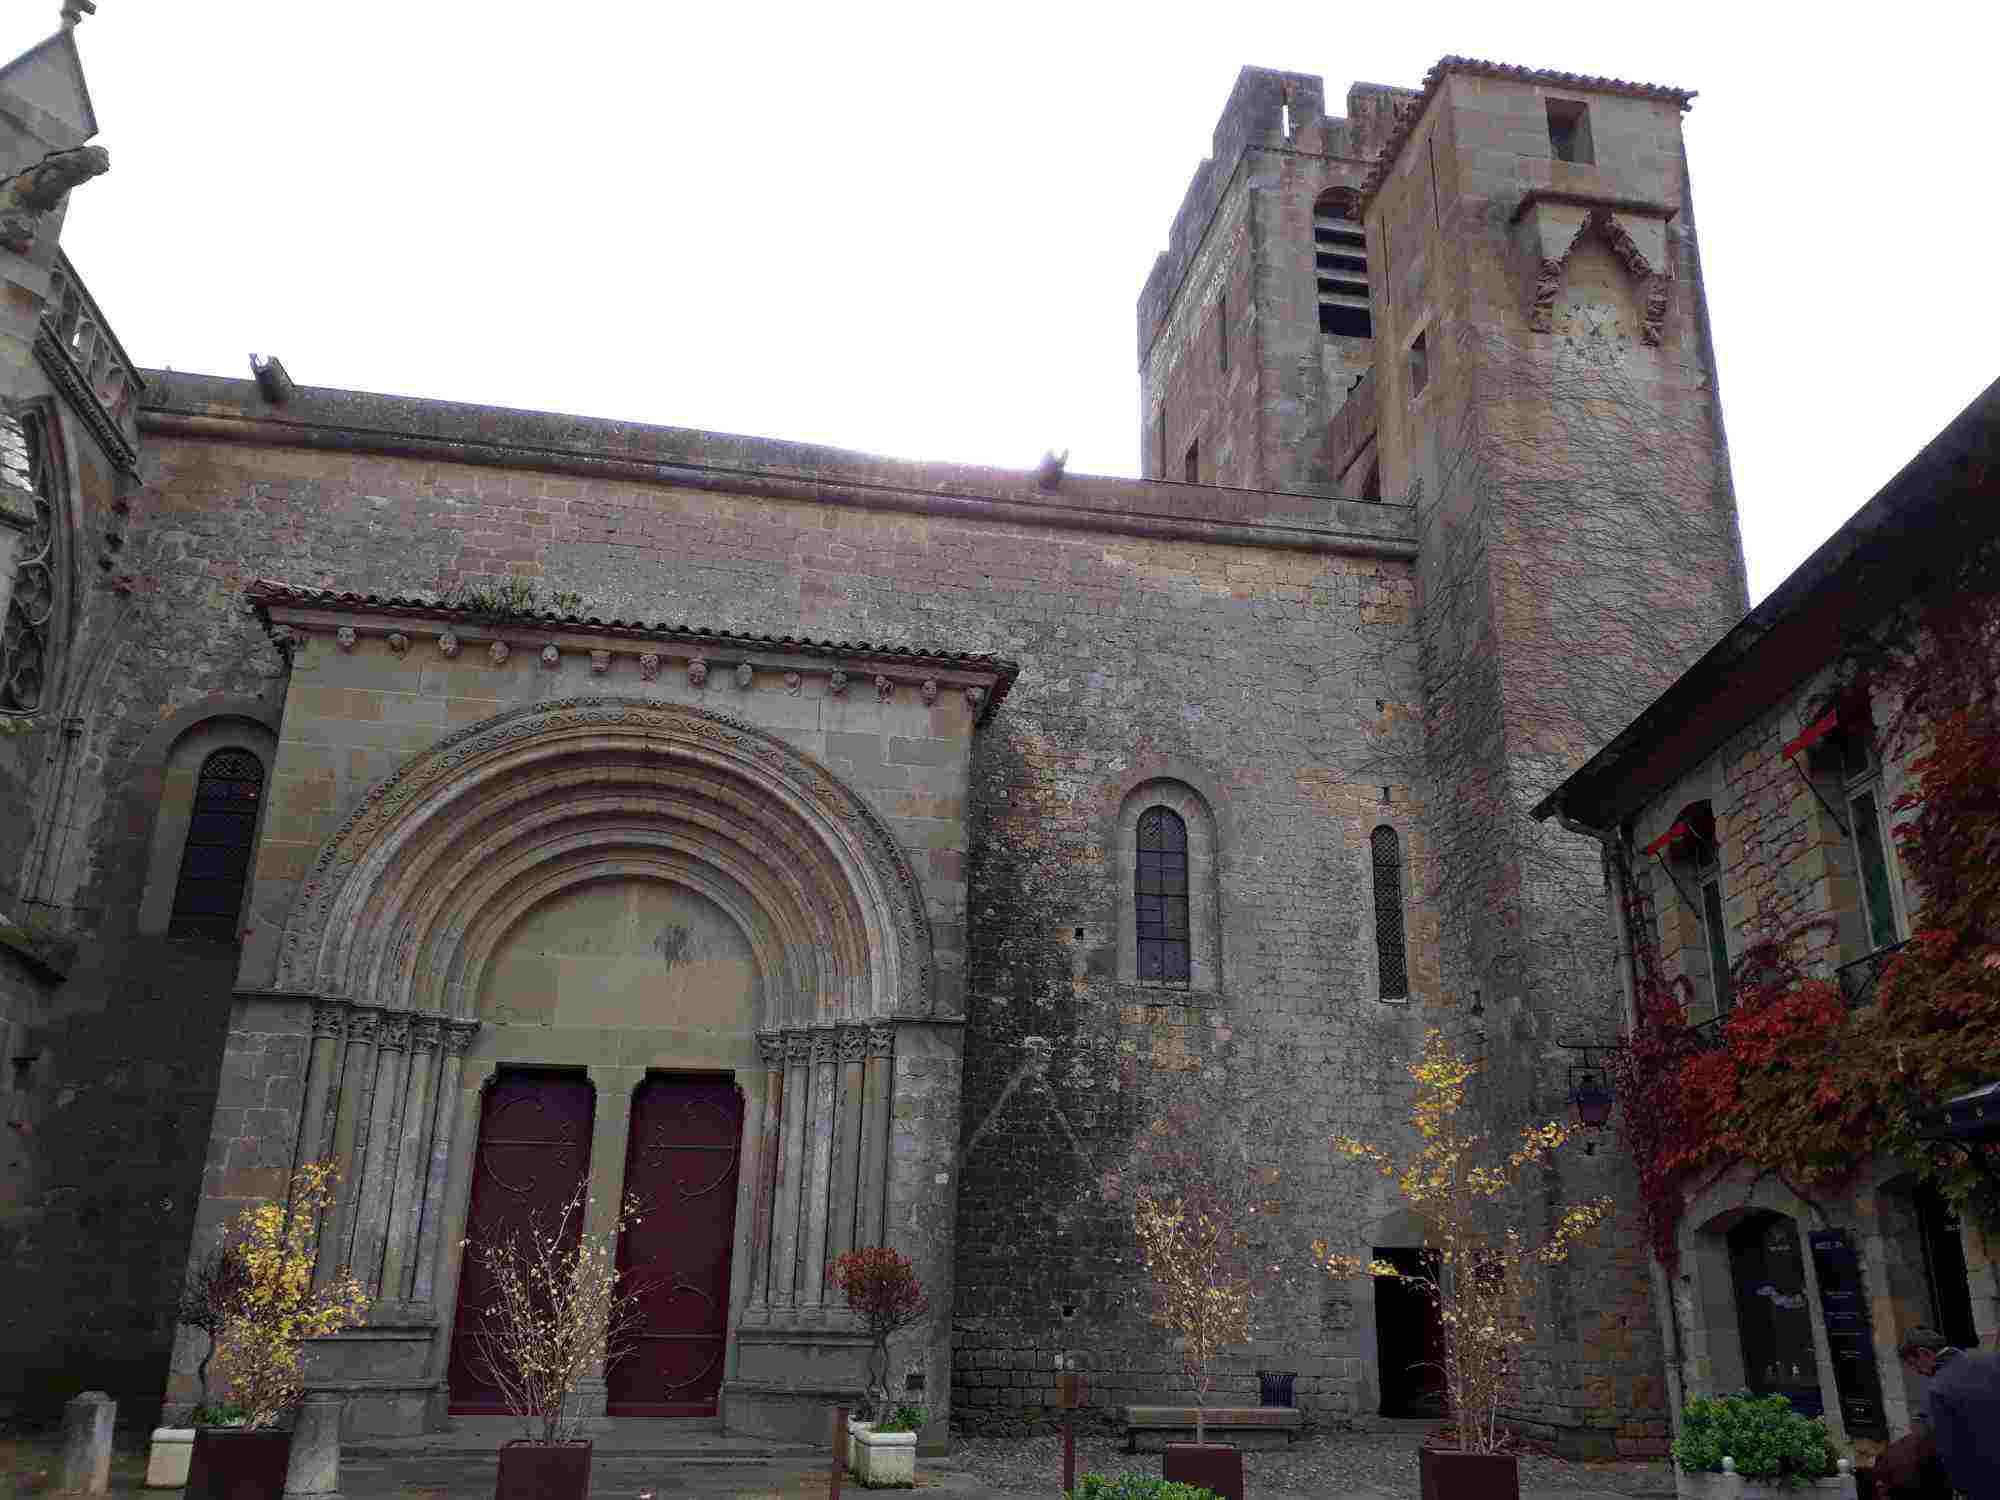 La Basílica de Saint-Nazaire de Carcassonne sólo conserva la nave con bóveda de cañón quebrada de la antigua catedral románica